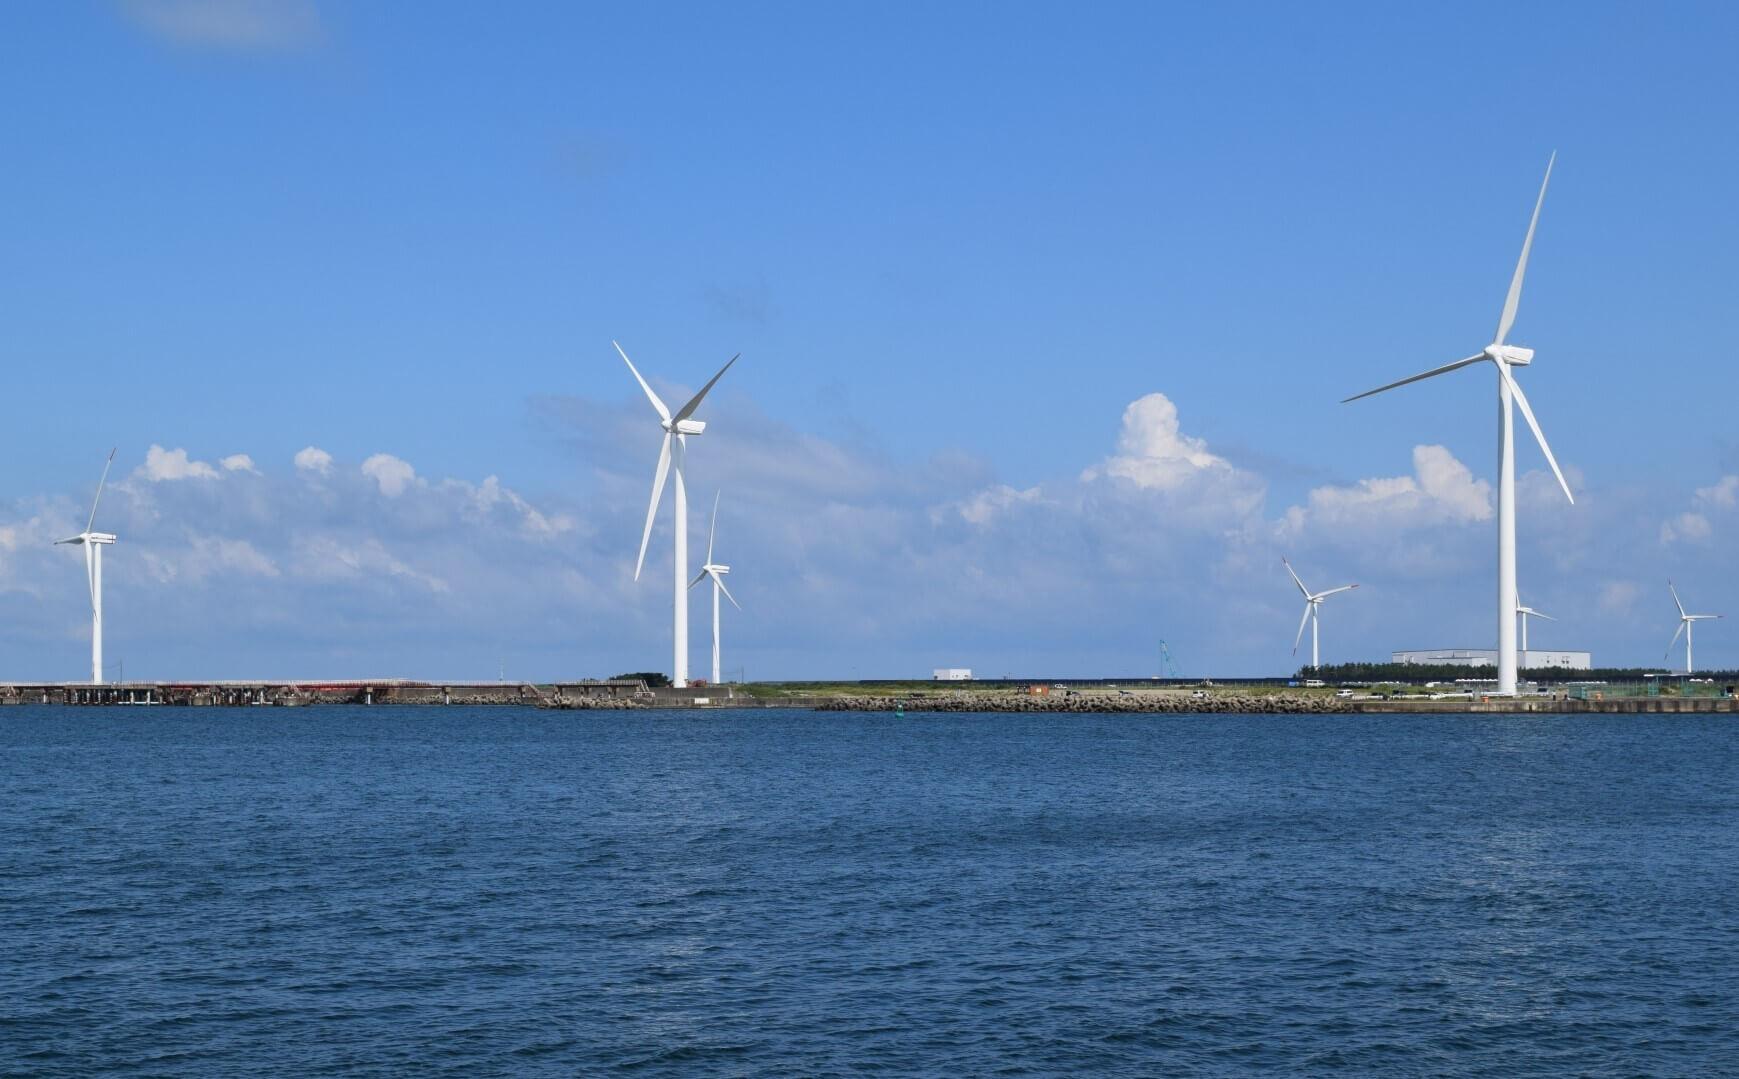 秋本真利議員「再エネ以外のエネルギーは世界からフェードアウトしていく」 6月30日「くにまるジャパン極」